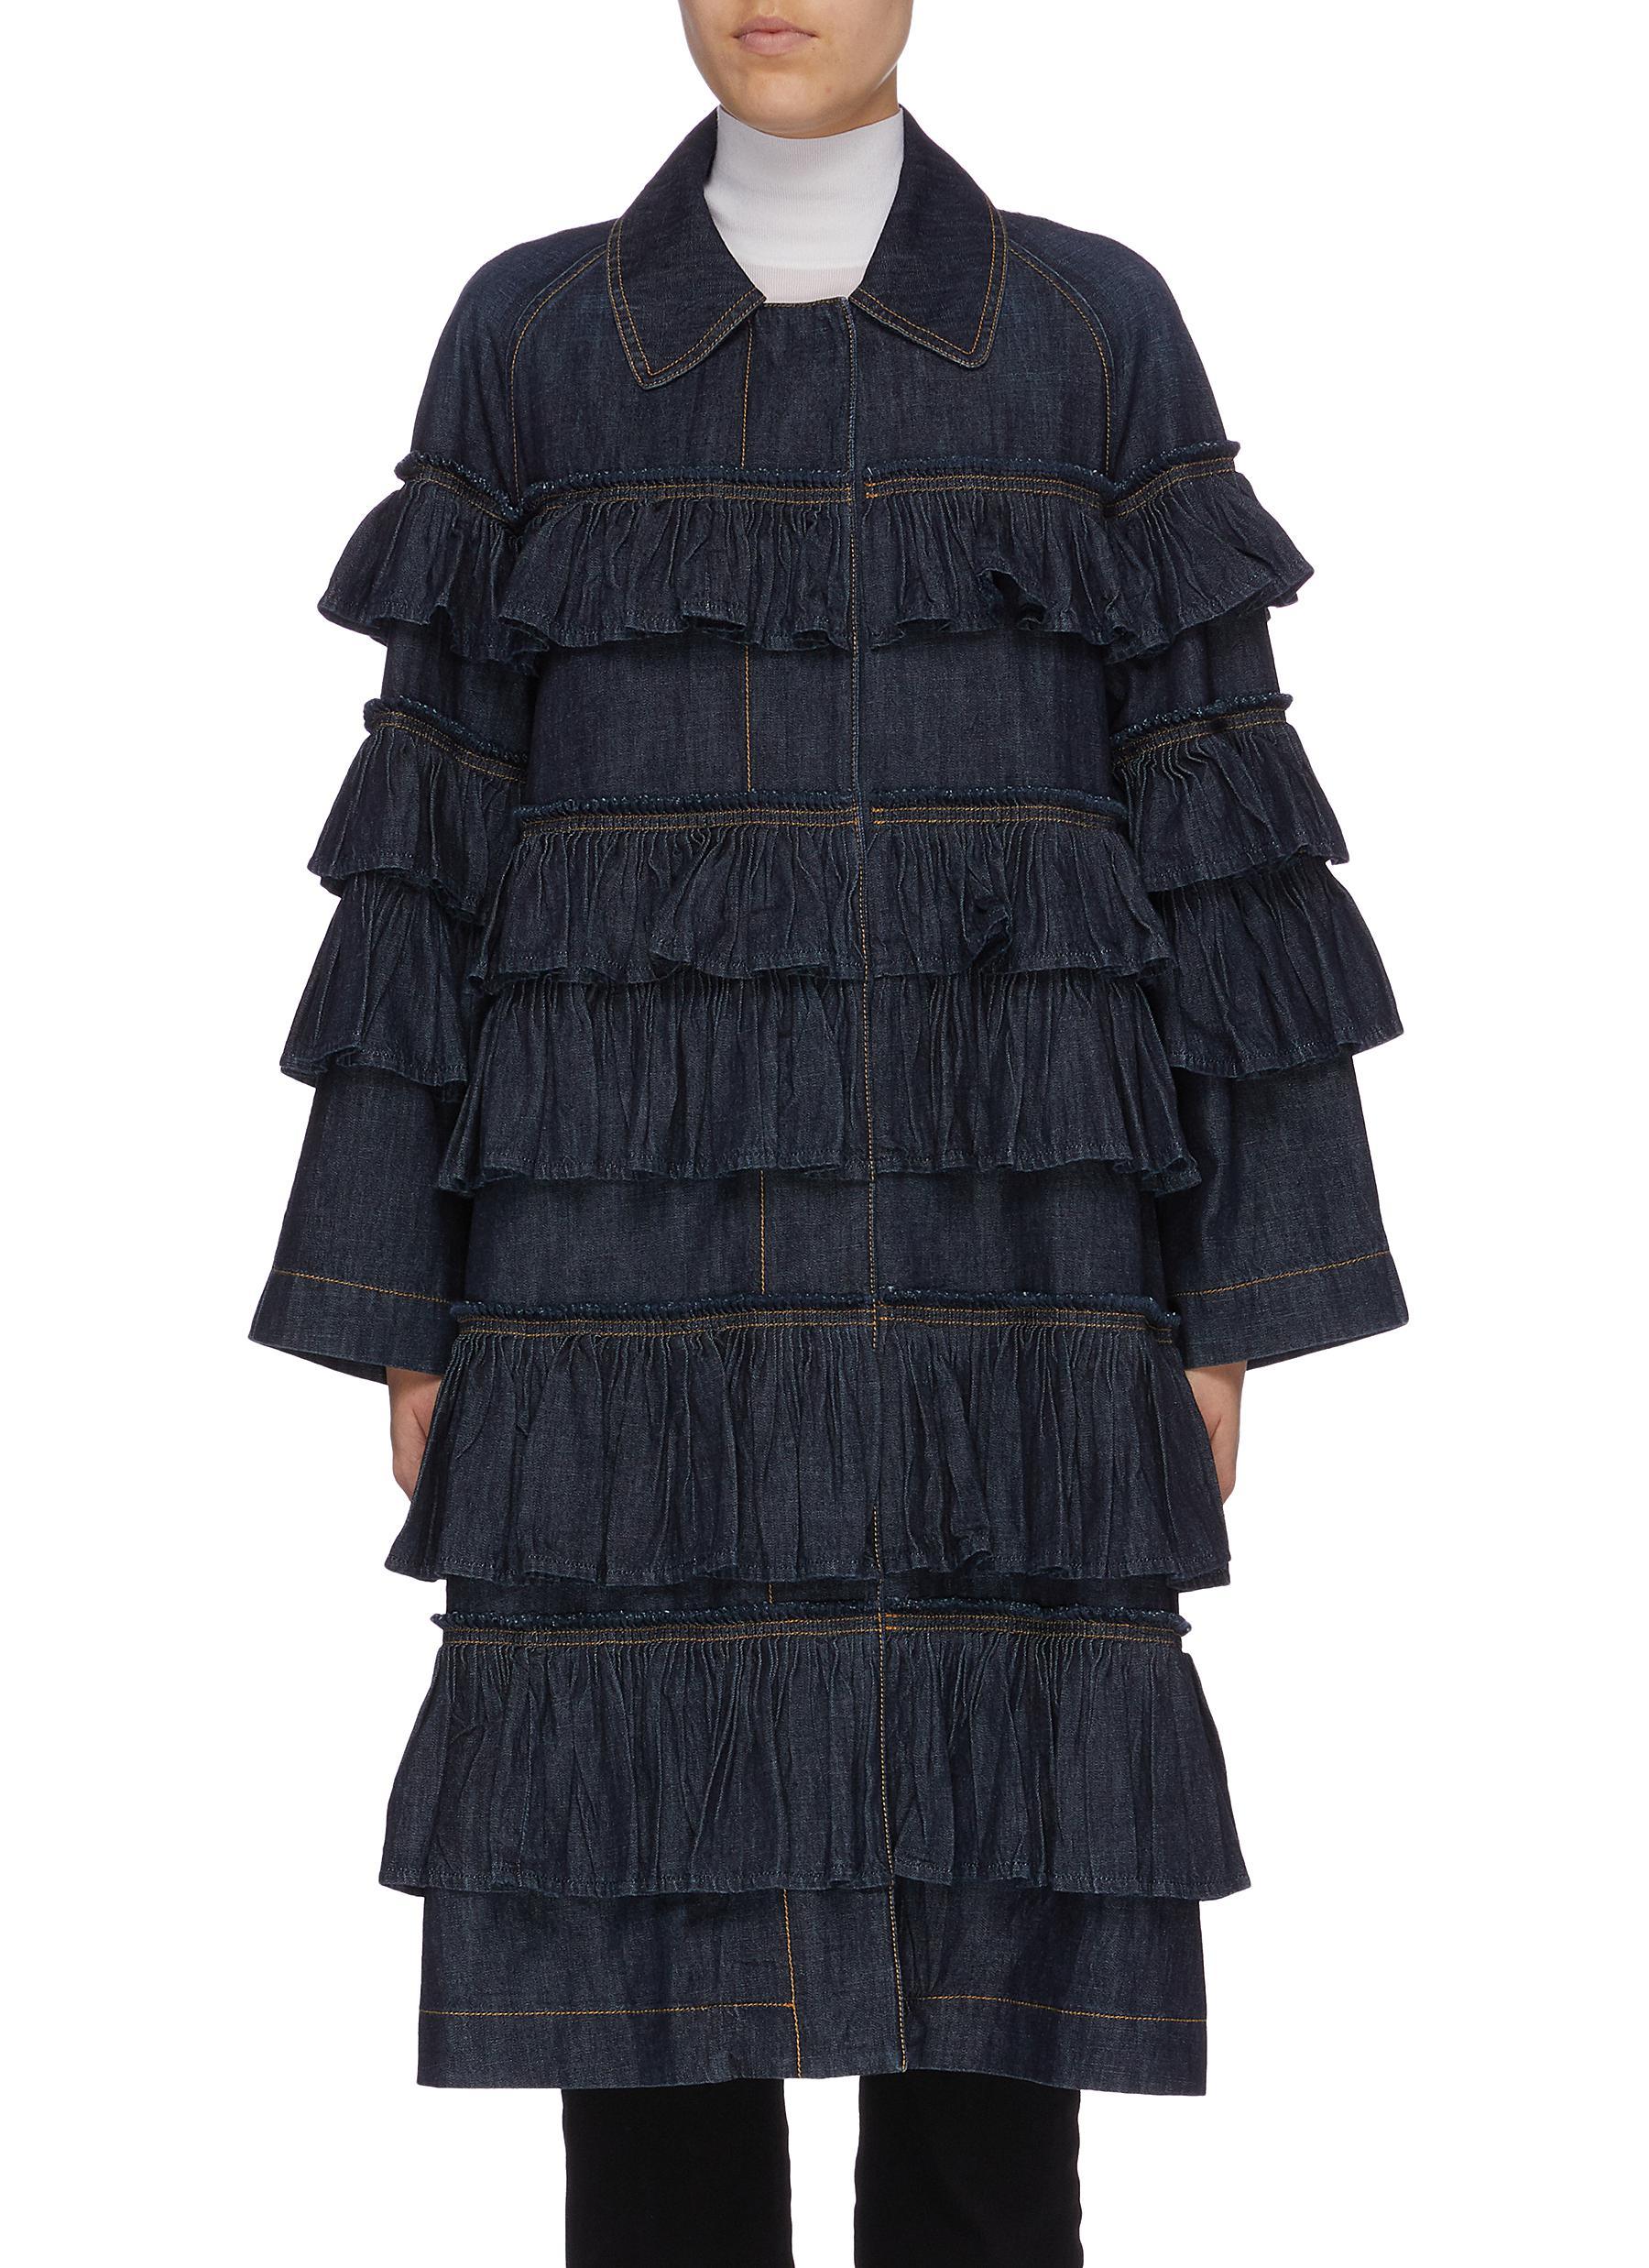 Tiered ruffle denim coat by Valentino